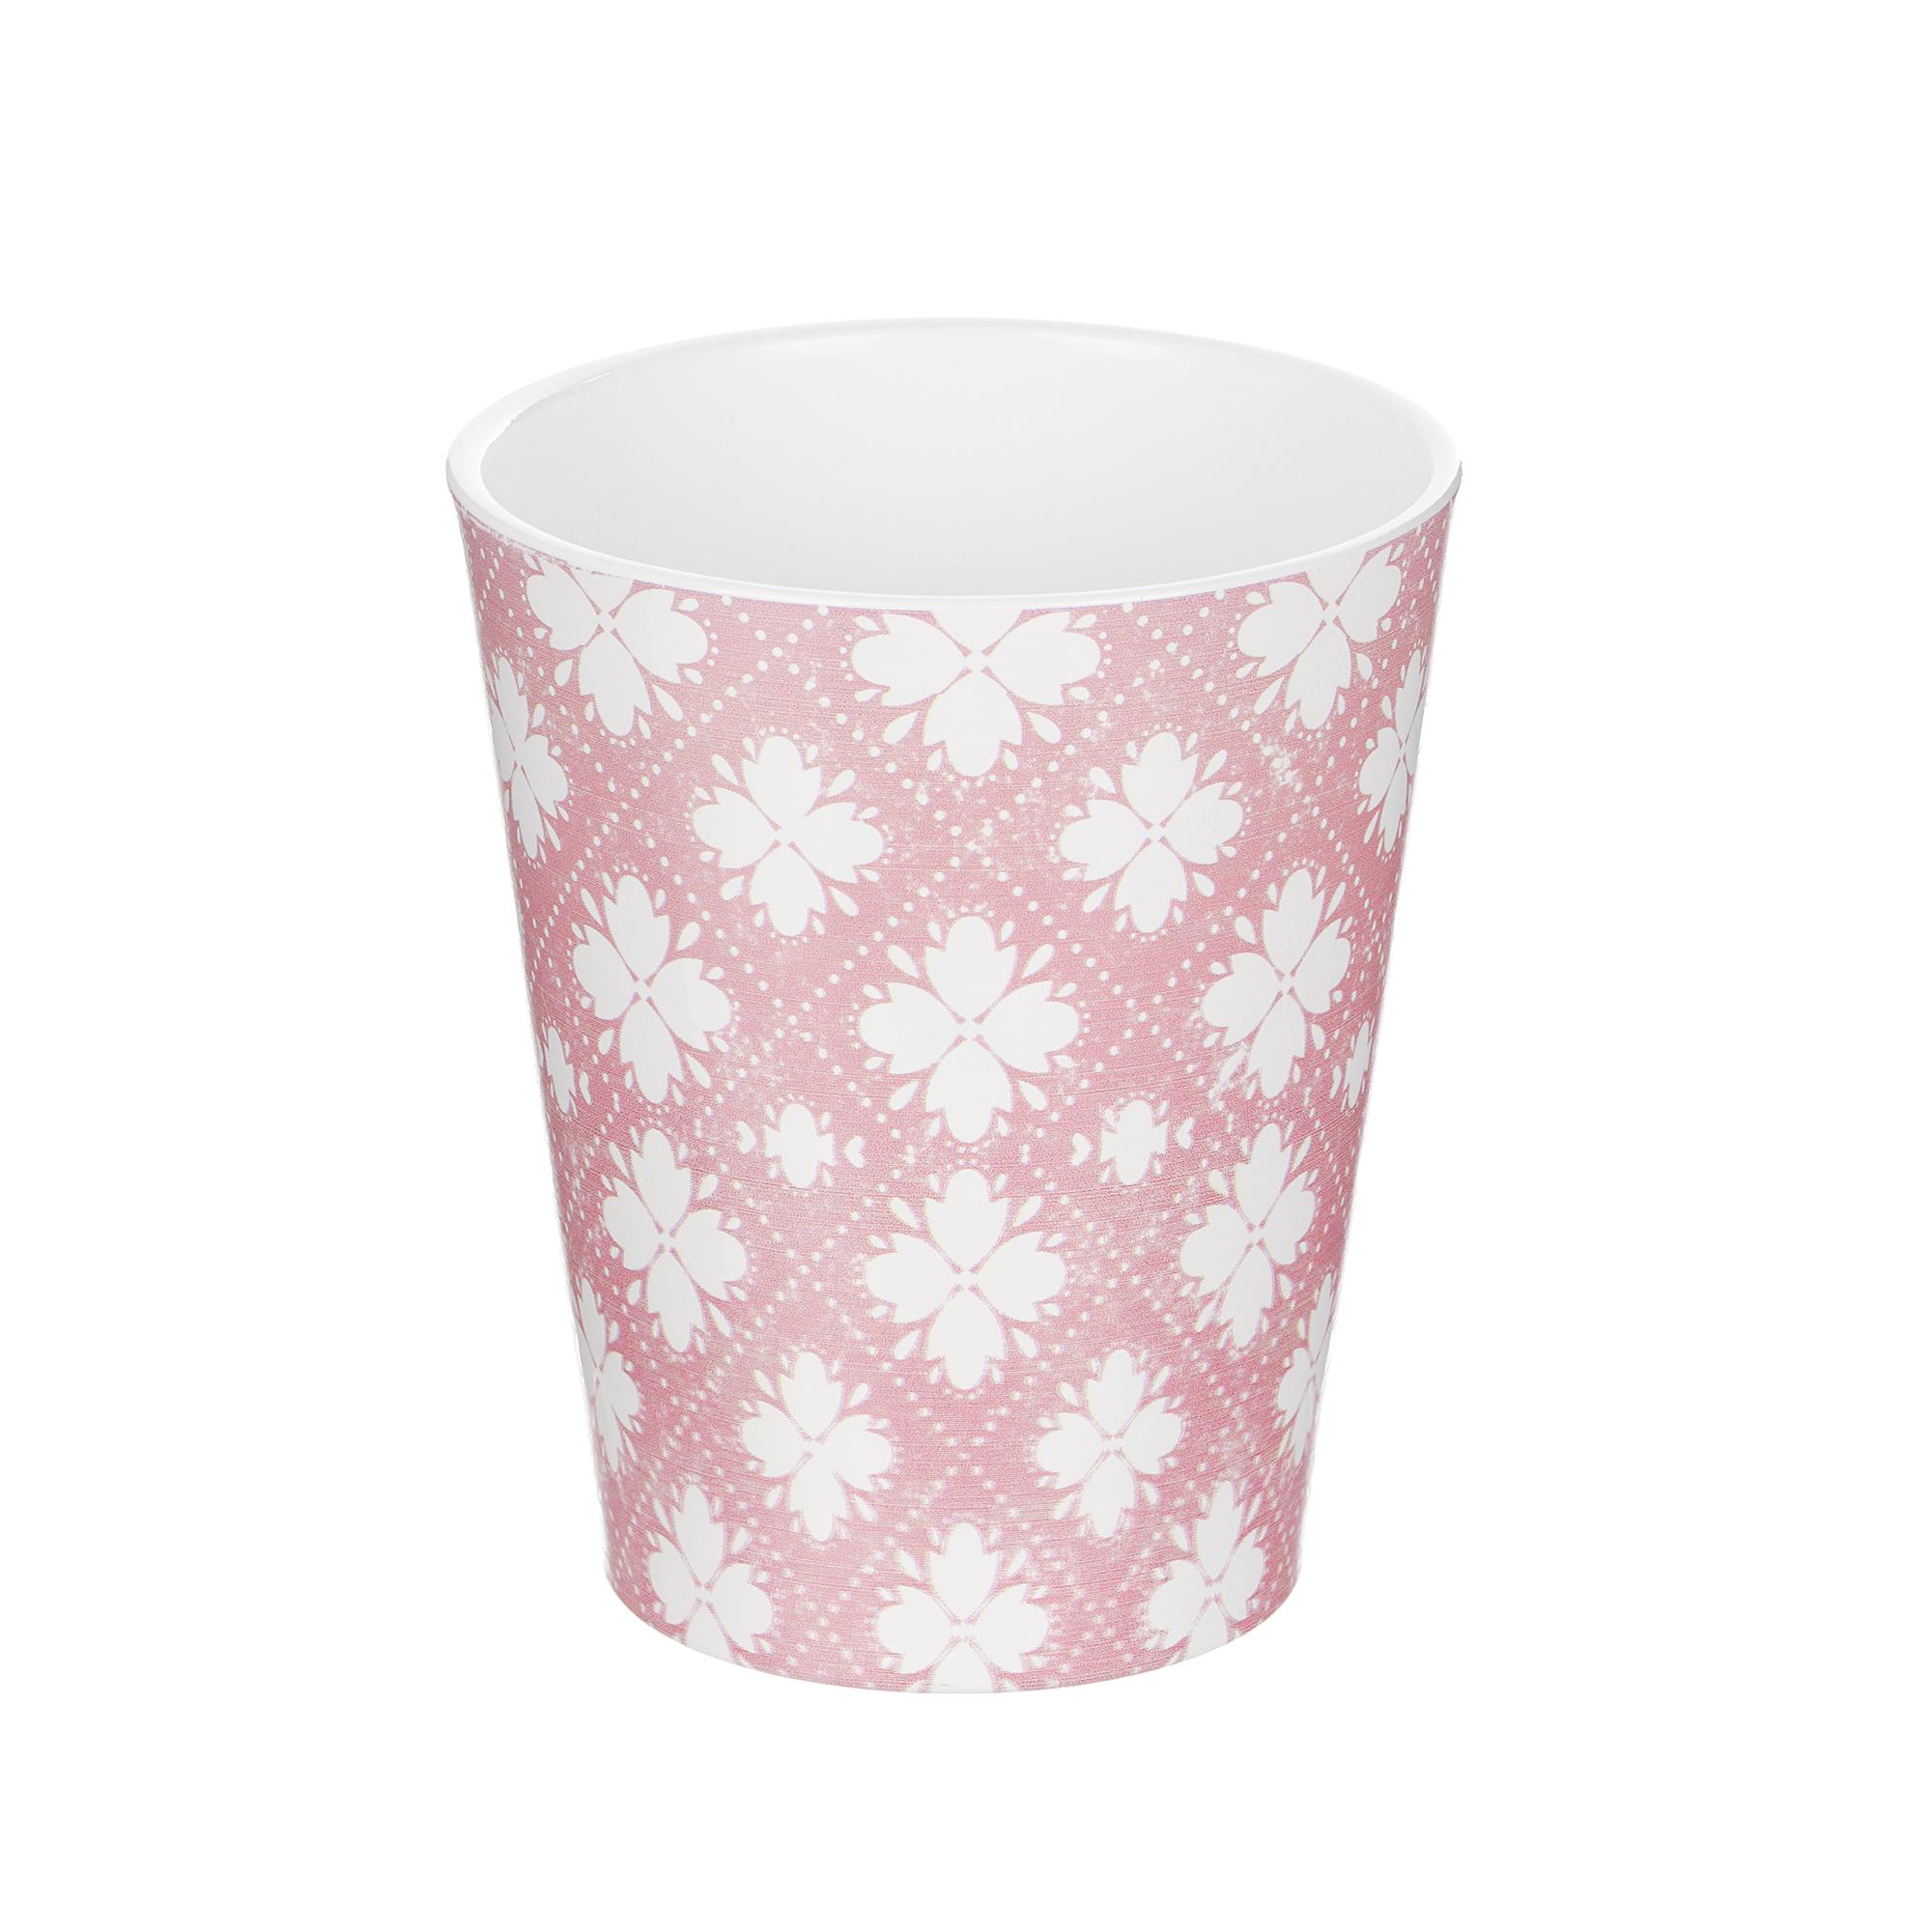 Кашпо для орхидей Soendgen medina d15 розово-белое недорого